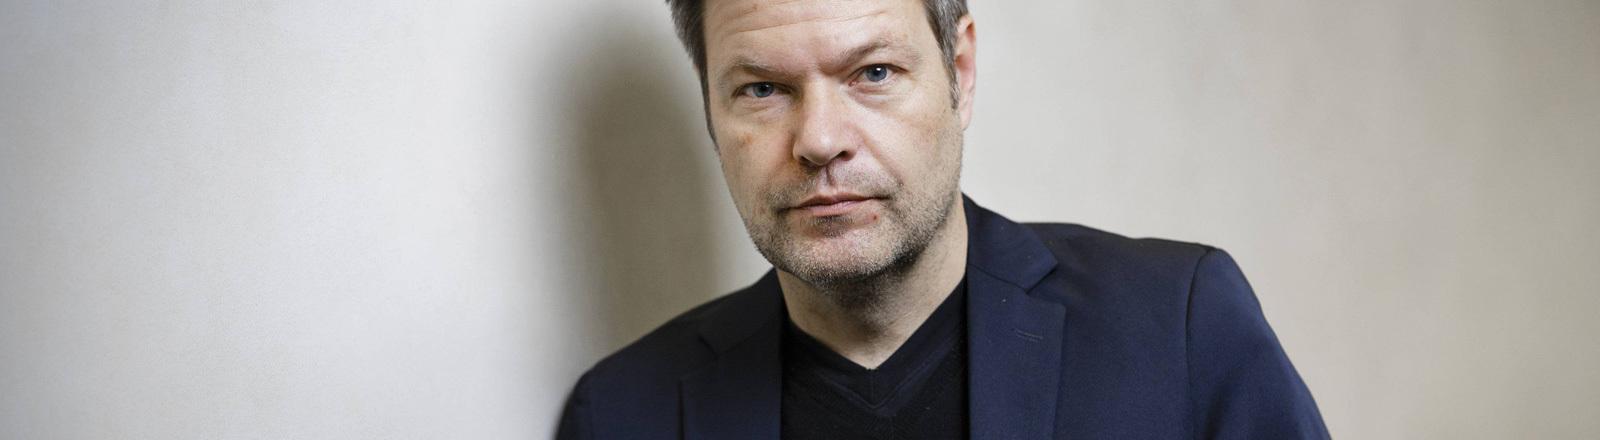 Portrait des Grünen-Politikers Robert Habeck.